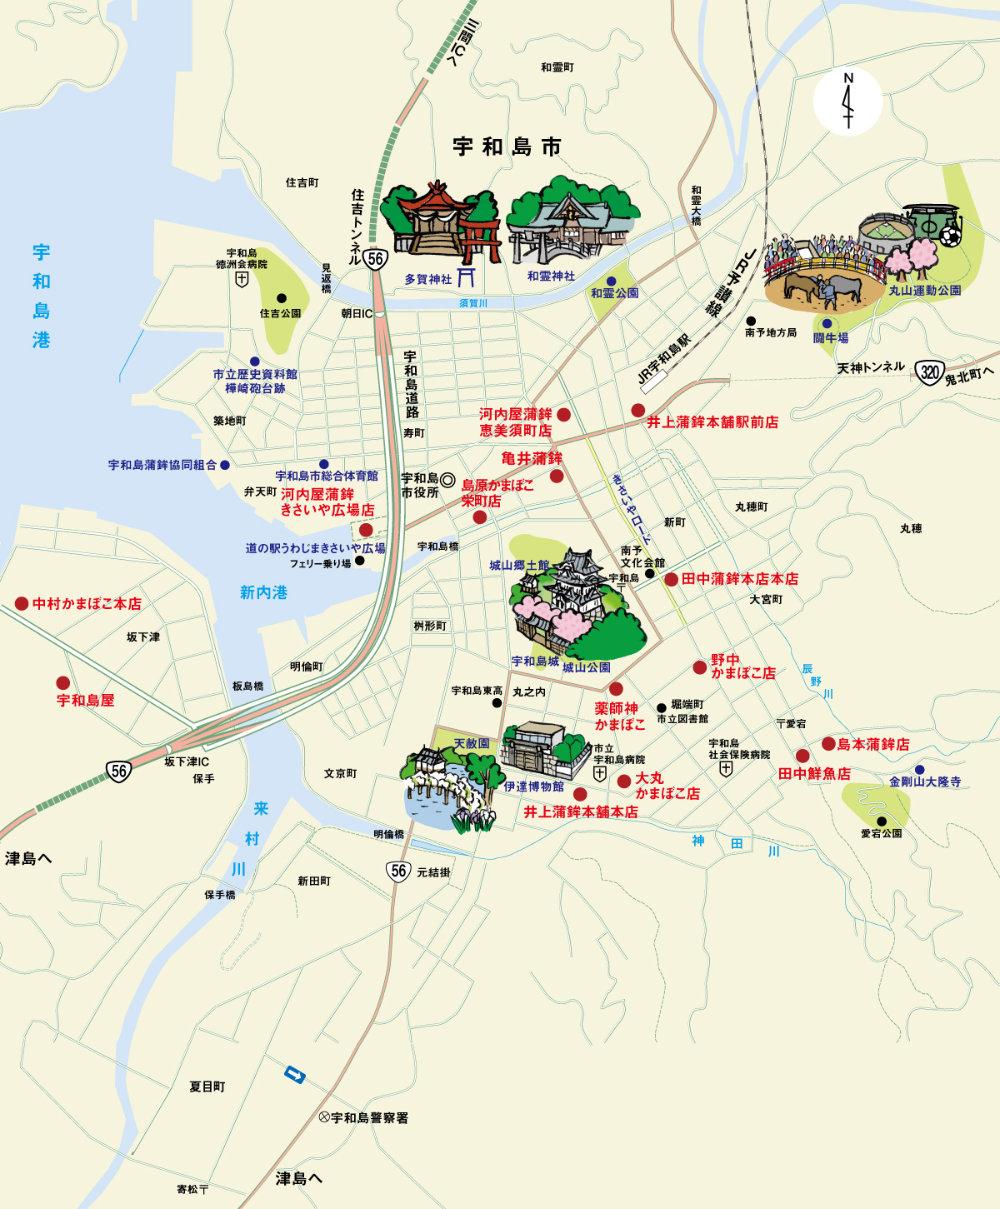 じゃこ天マップ 宇和島市内